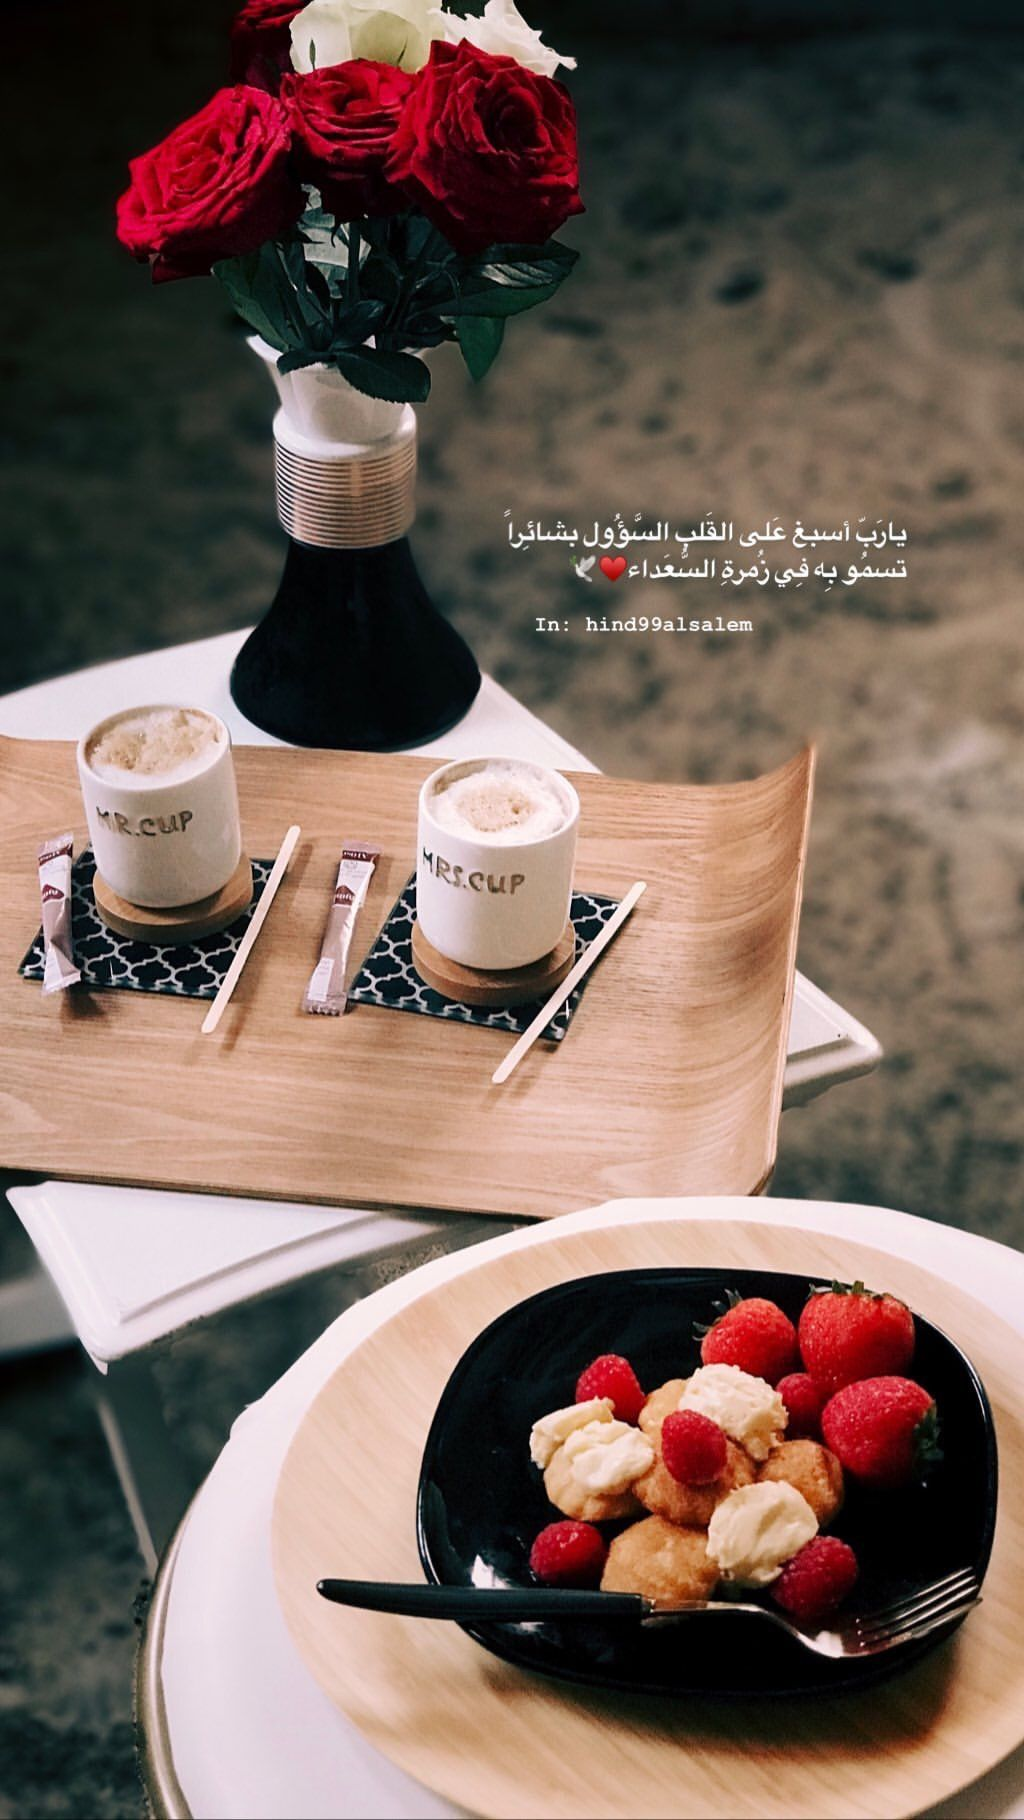 حكم عن القهوة اقوال وحكم مكتوبة على القهوة Coffee Wine Glassware Tea Cups